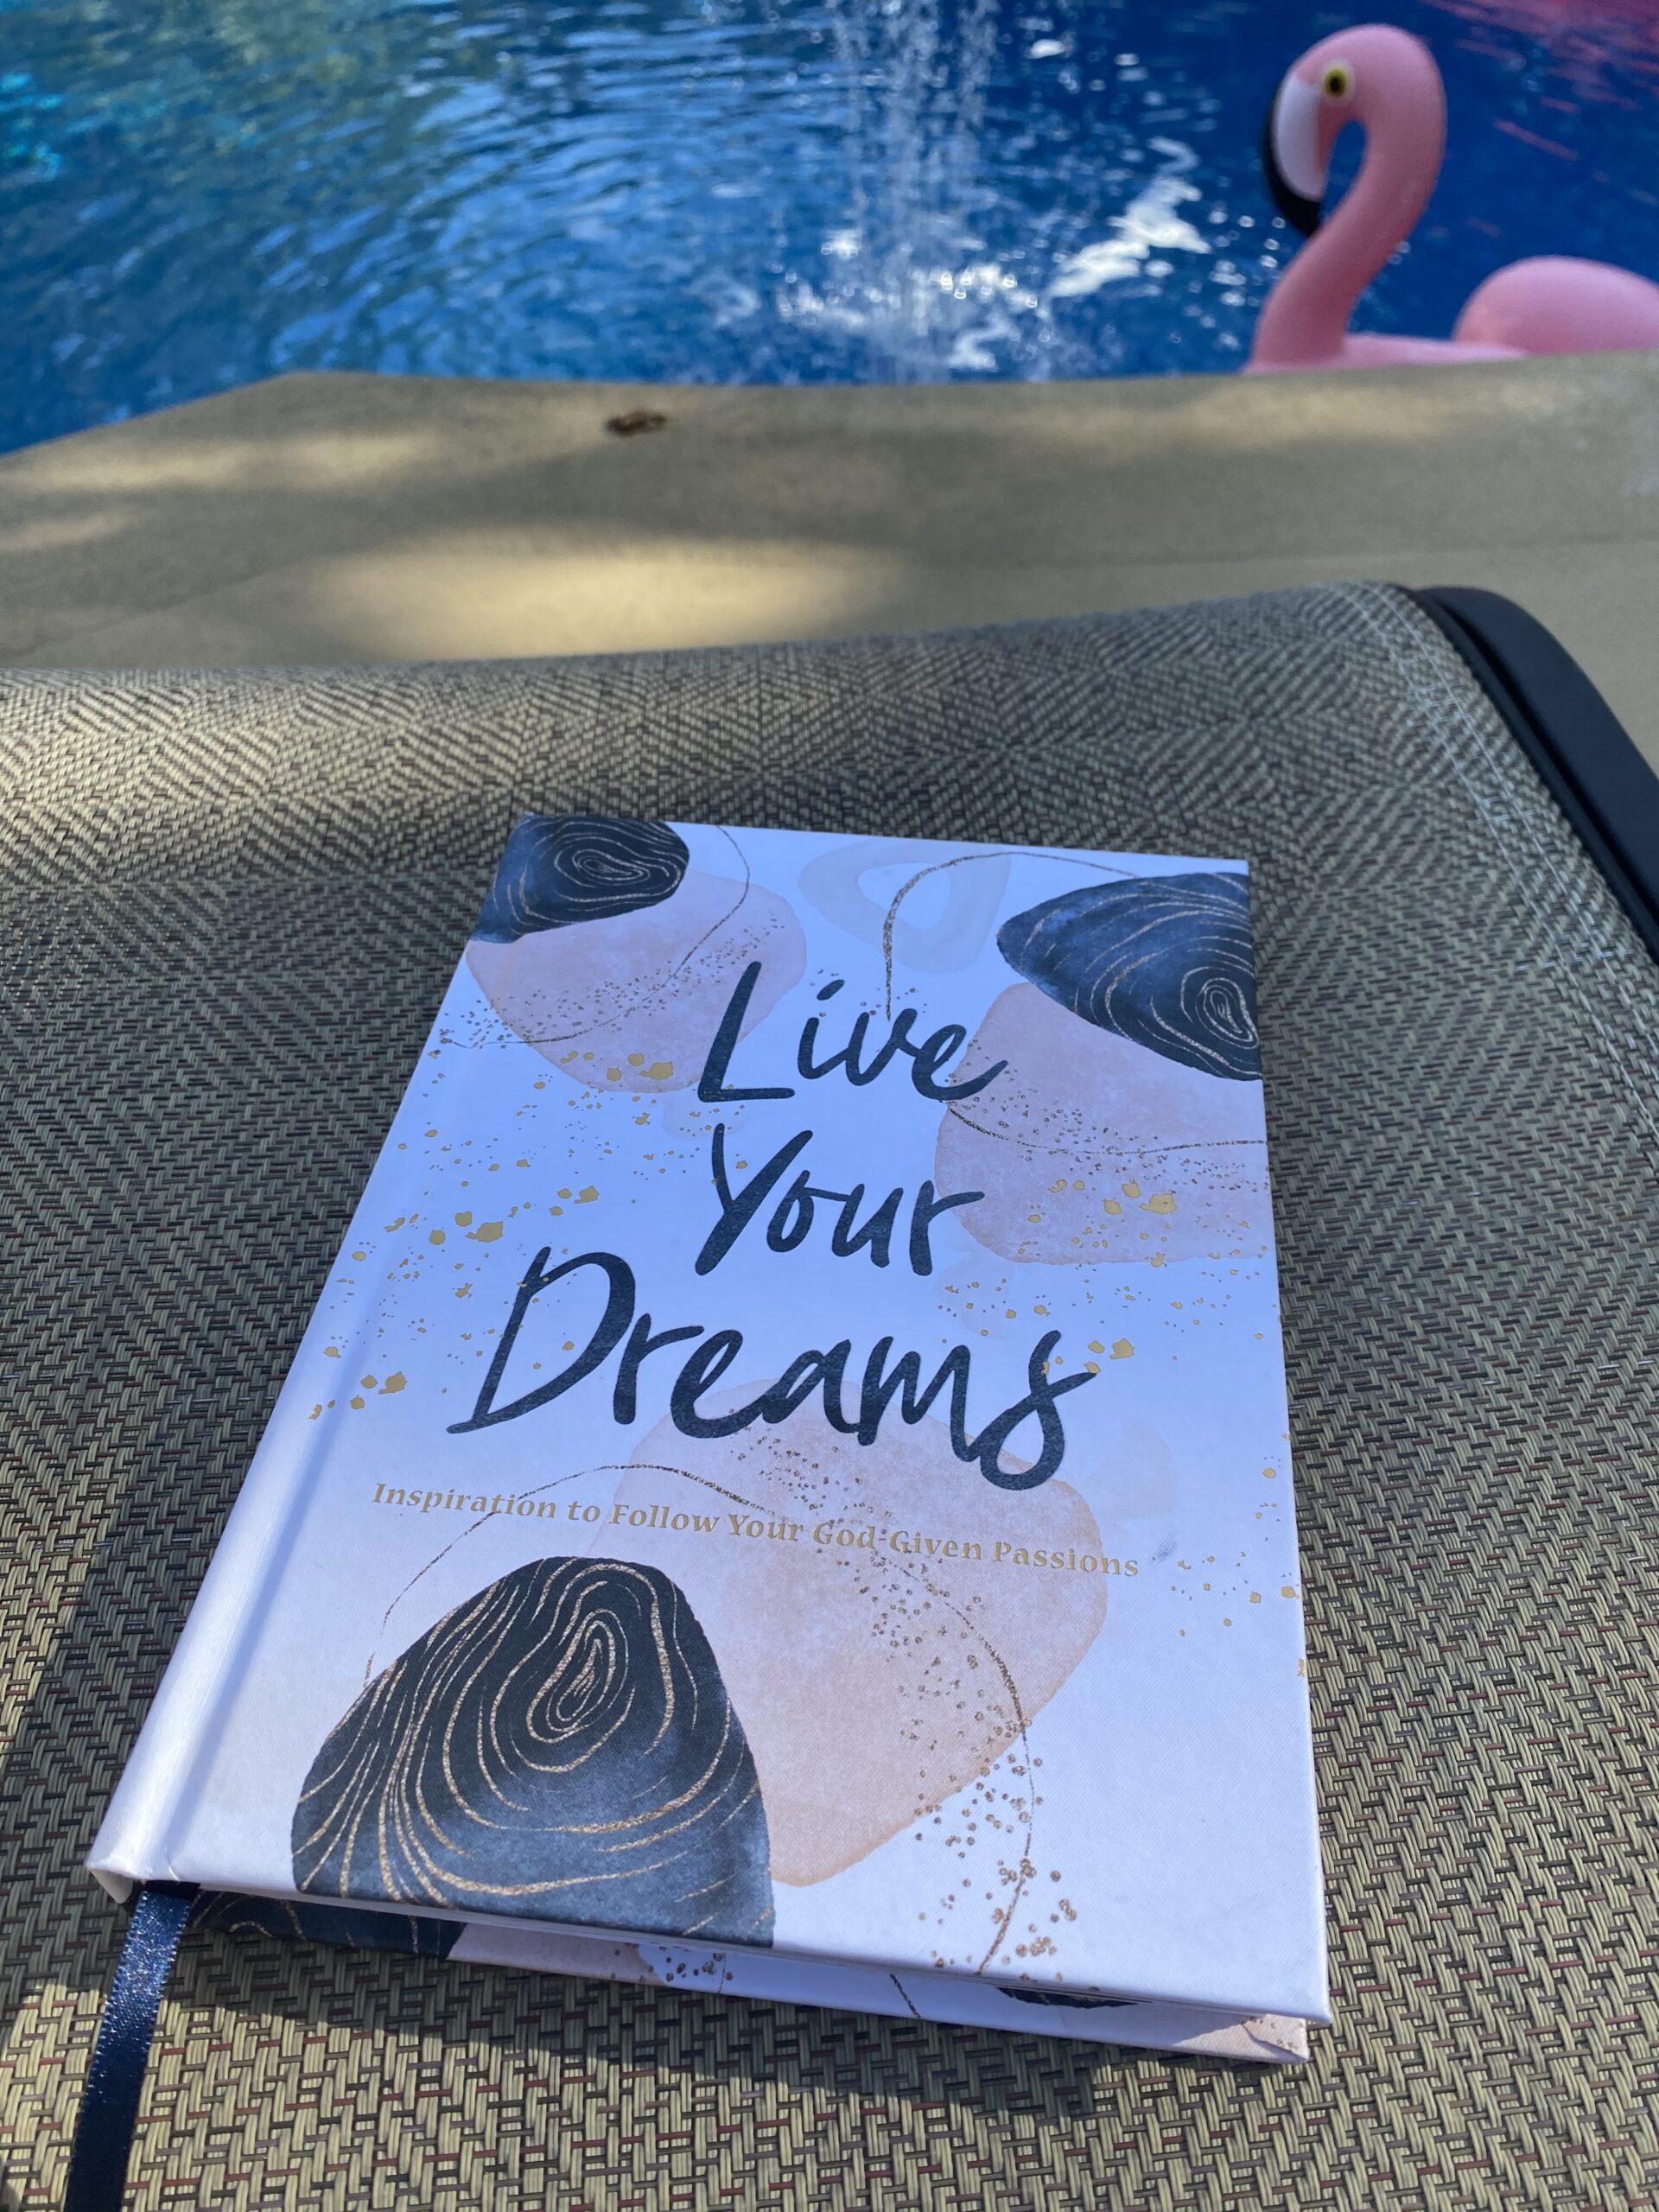 Dreams, Callings, and Gentle Nudgings…